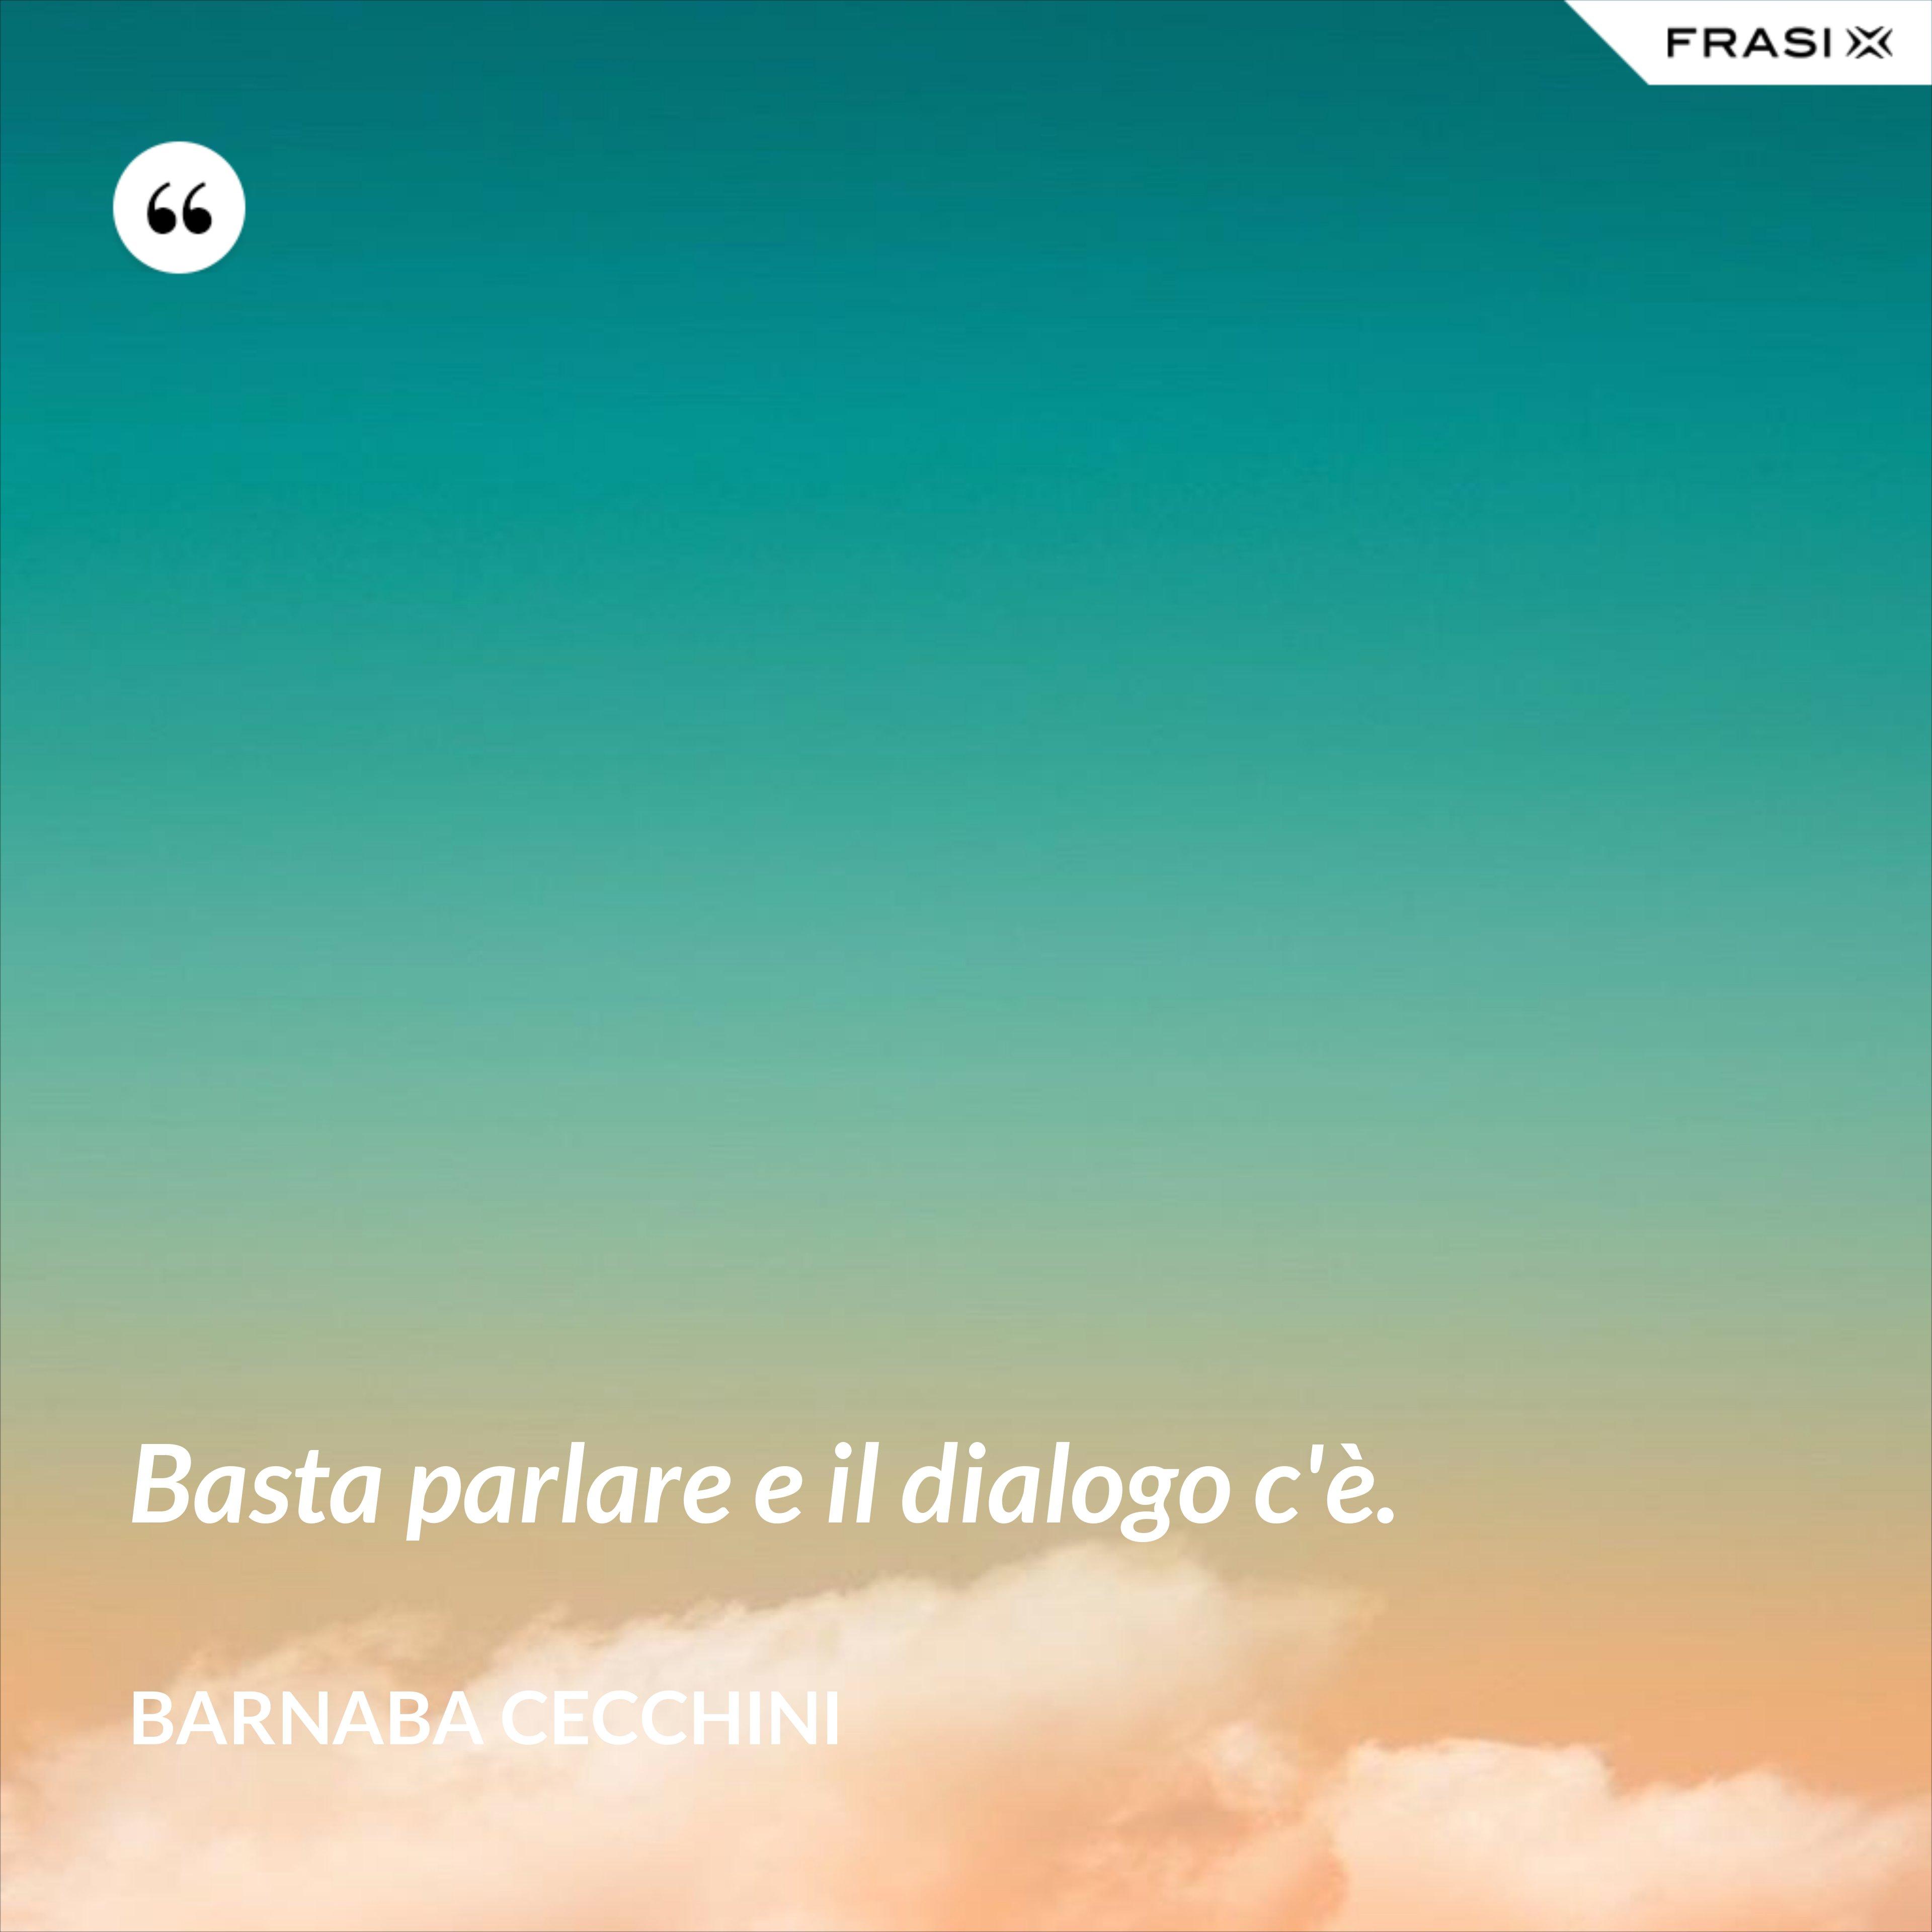 Basta parlare e il dialogo c'è. - Barnaba Cecchini